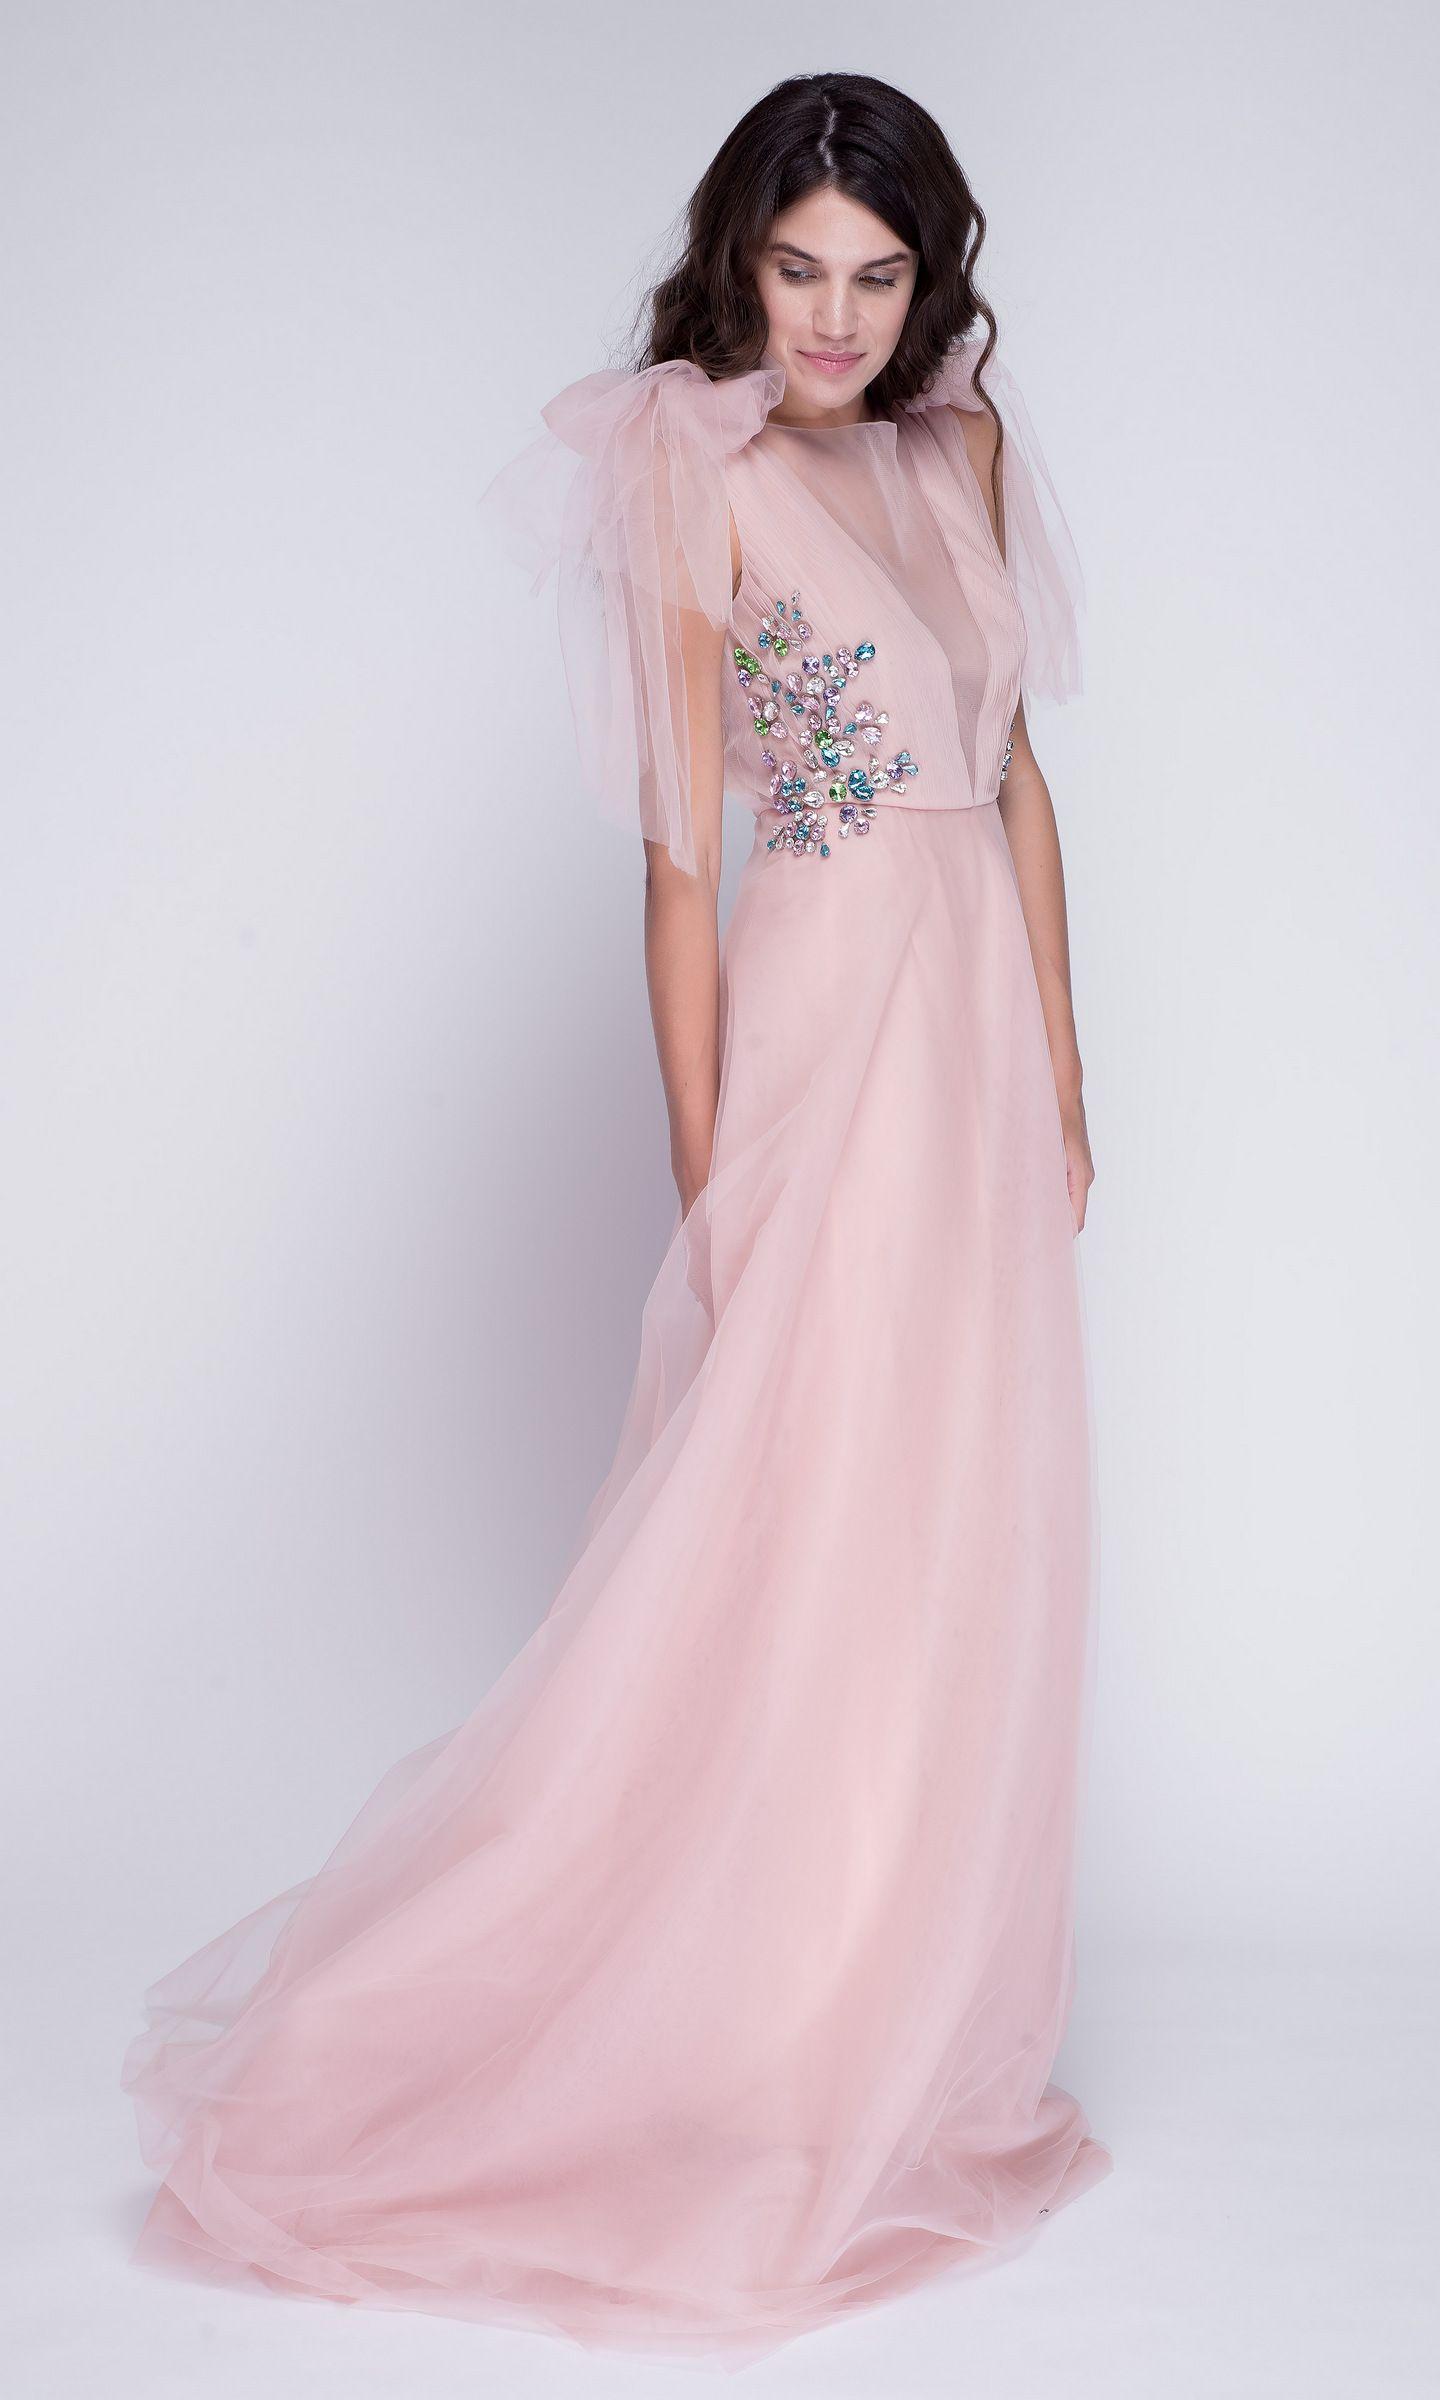 f94d8c1e078 Нежно-розовое платье макси из фатина с камнями